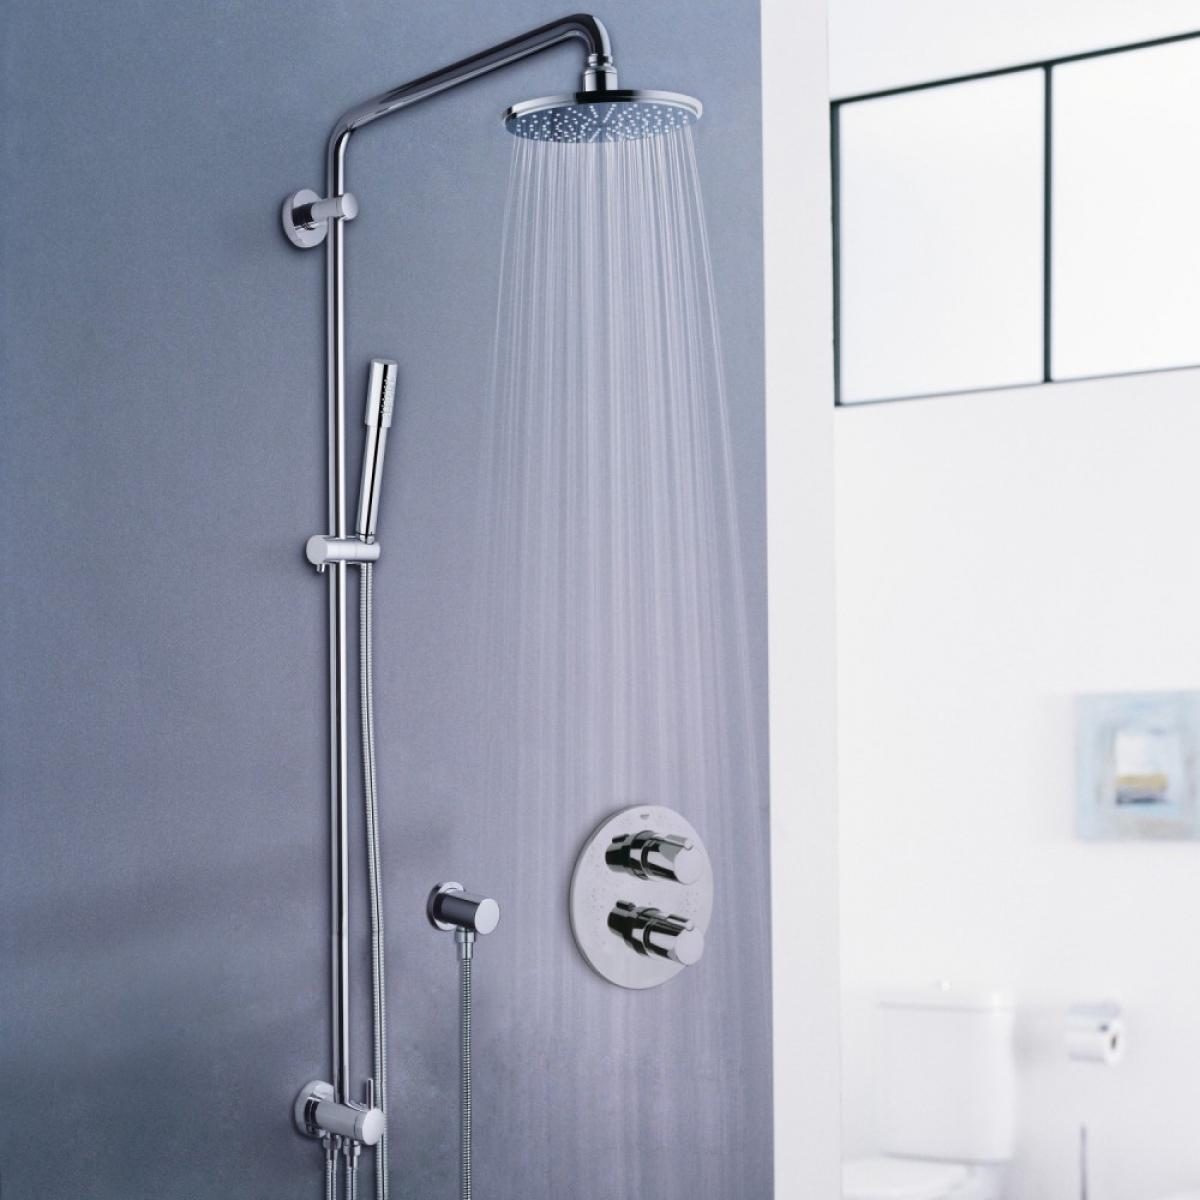 Robinetterie de douche rainshower sena grohe induscabel salle de bains chauffage et cuisine - Robinetterie grohe douche ...